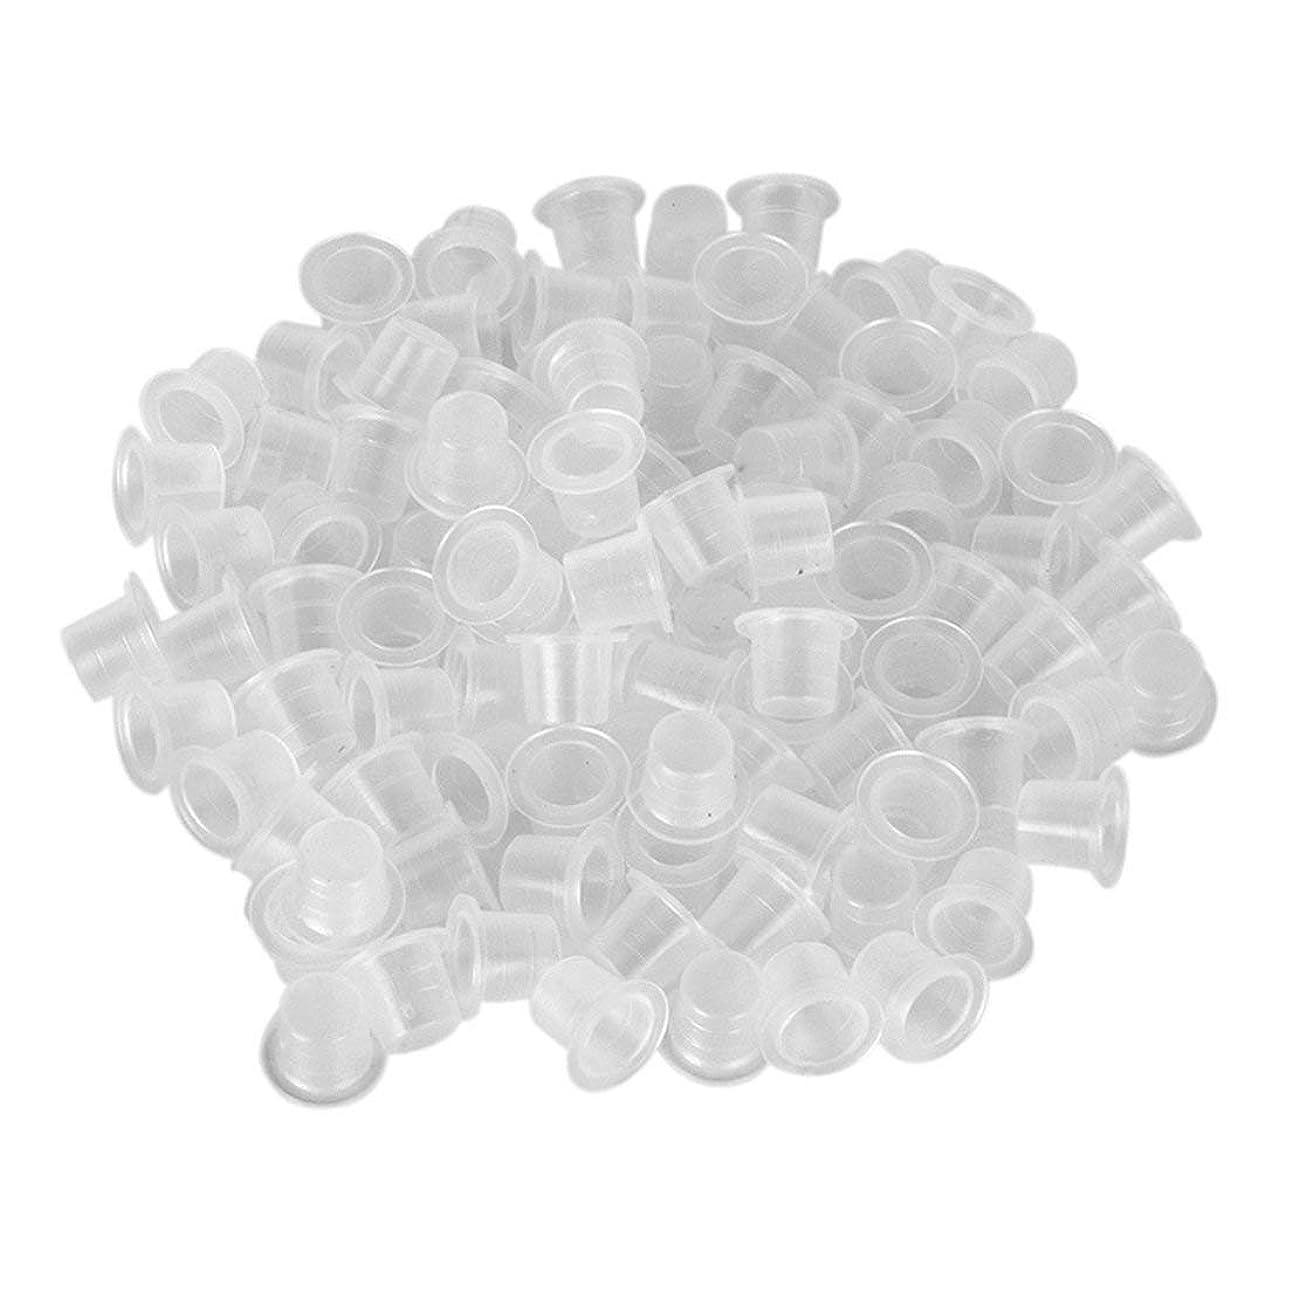 植生石化するウサギタトゥー用品タトゥー用品カラーカップホワイトラージミディアムスモールカラーカップ1000パックタトゥーアクセサリータトゥーカップ(ブルーS)(PandaWelly)